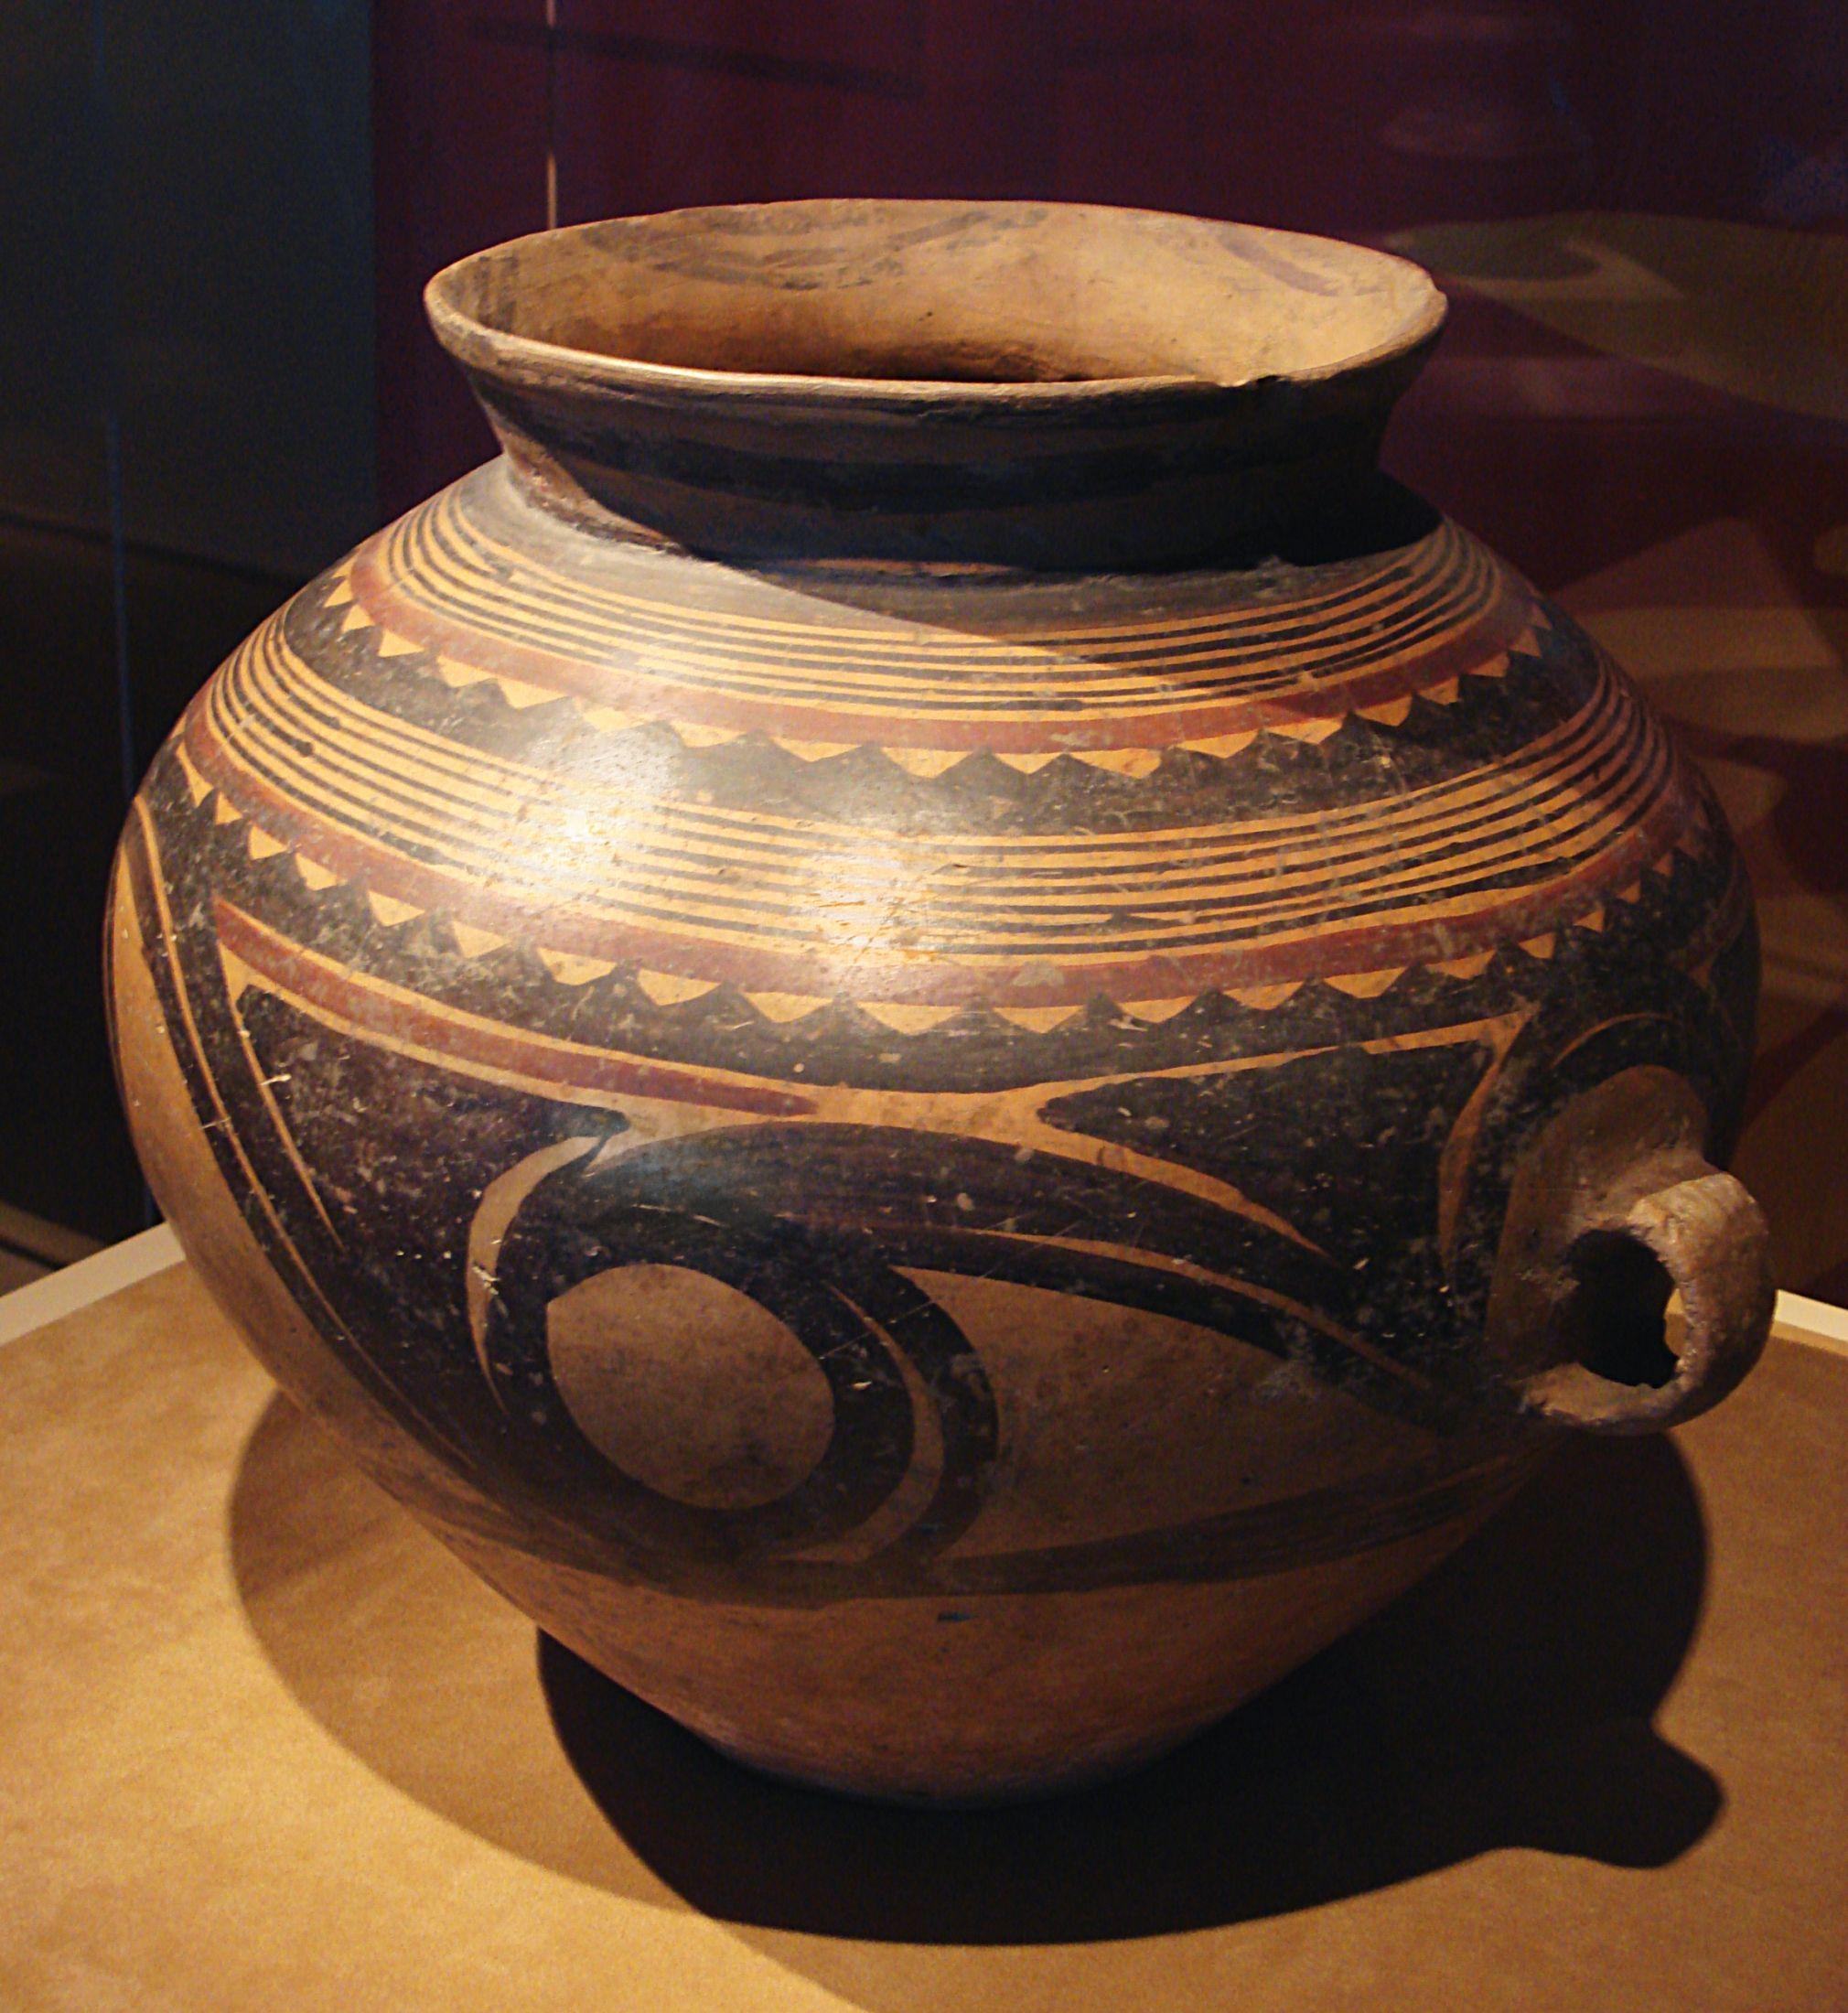 Treasures of ancient china painted jar majiayao culture late treasures of ancient china painted jar majiayao culture late neolithic period 3300 2200 bc reviewsmspy